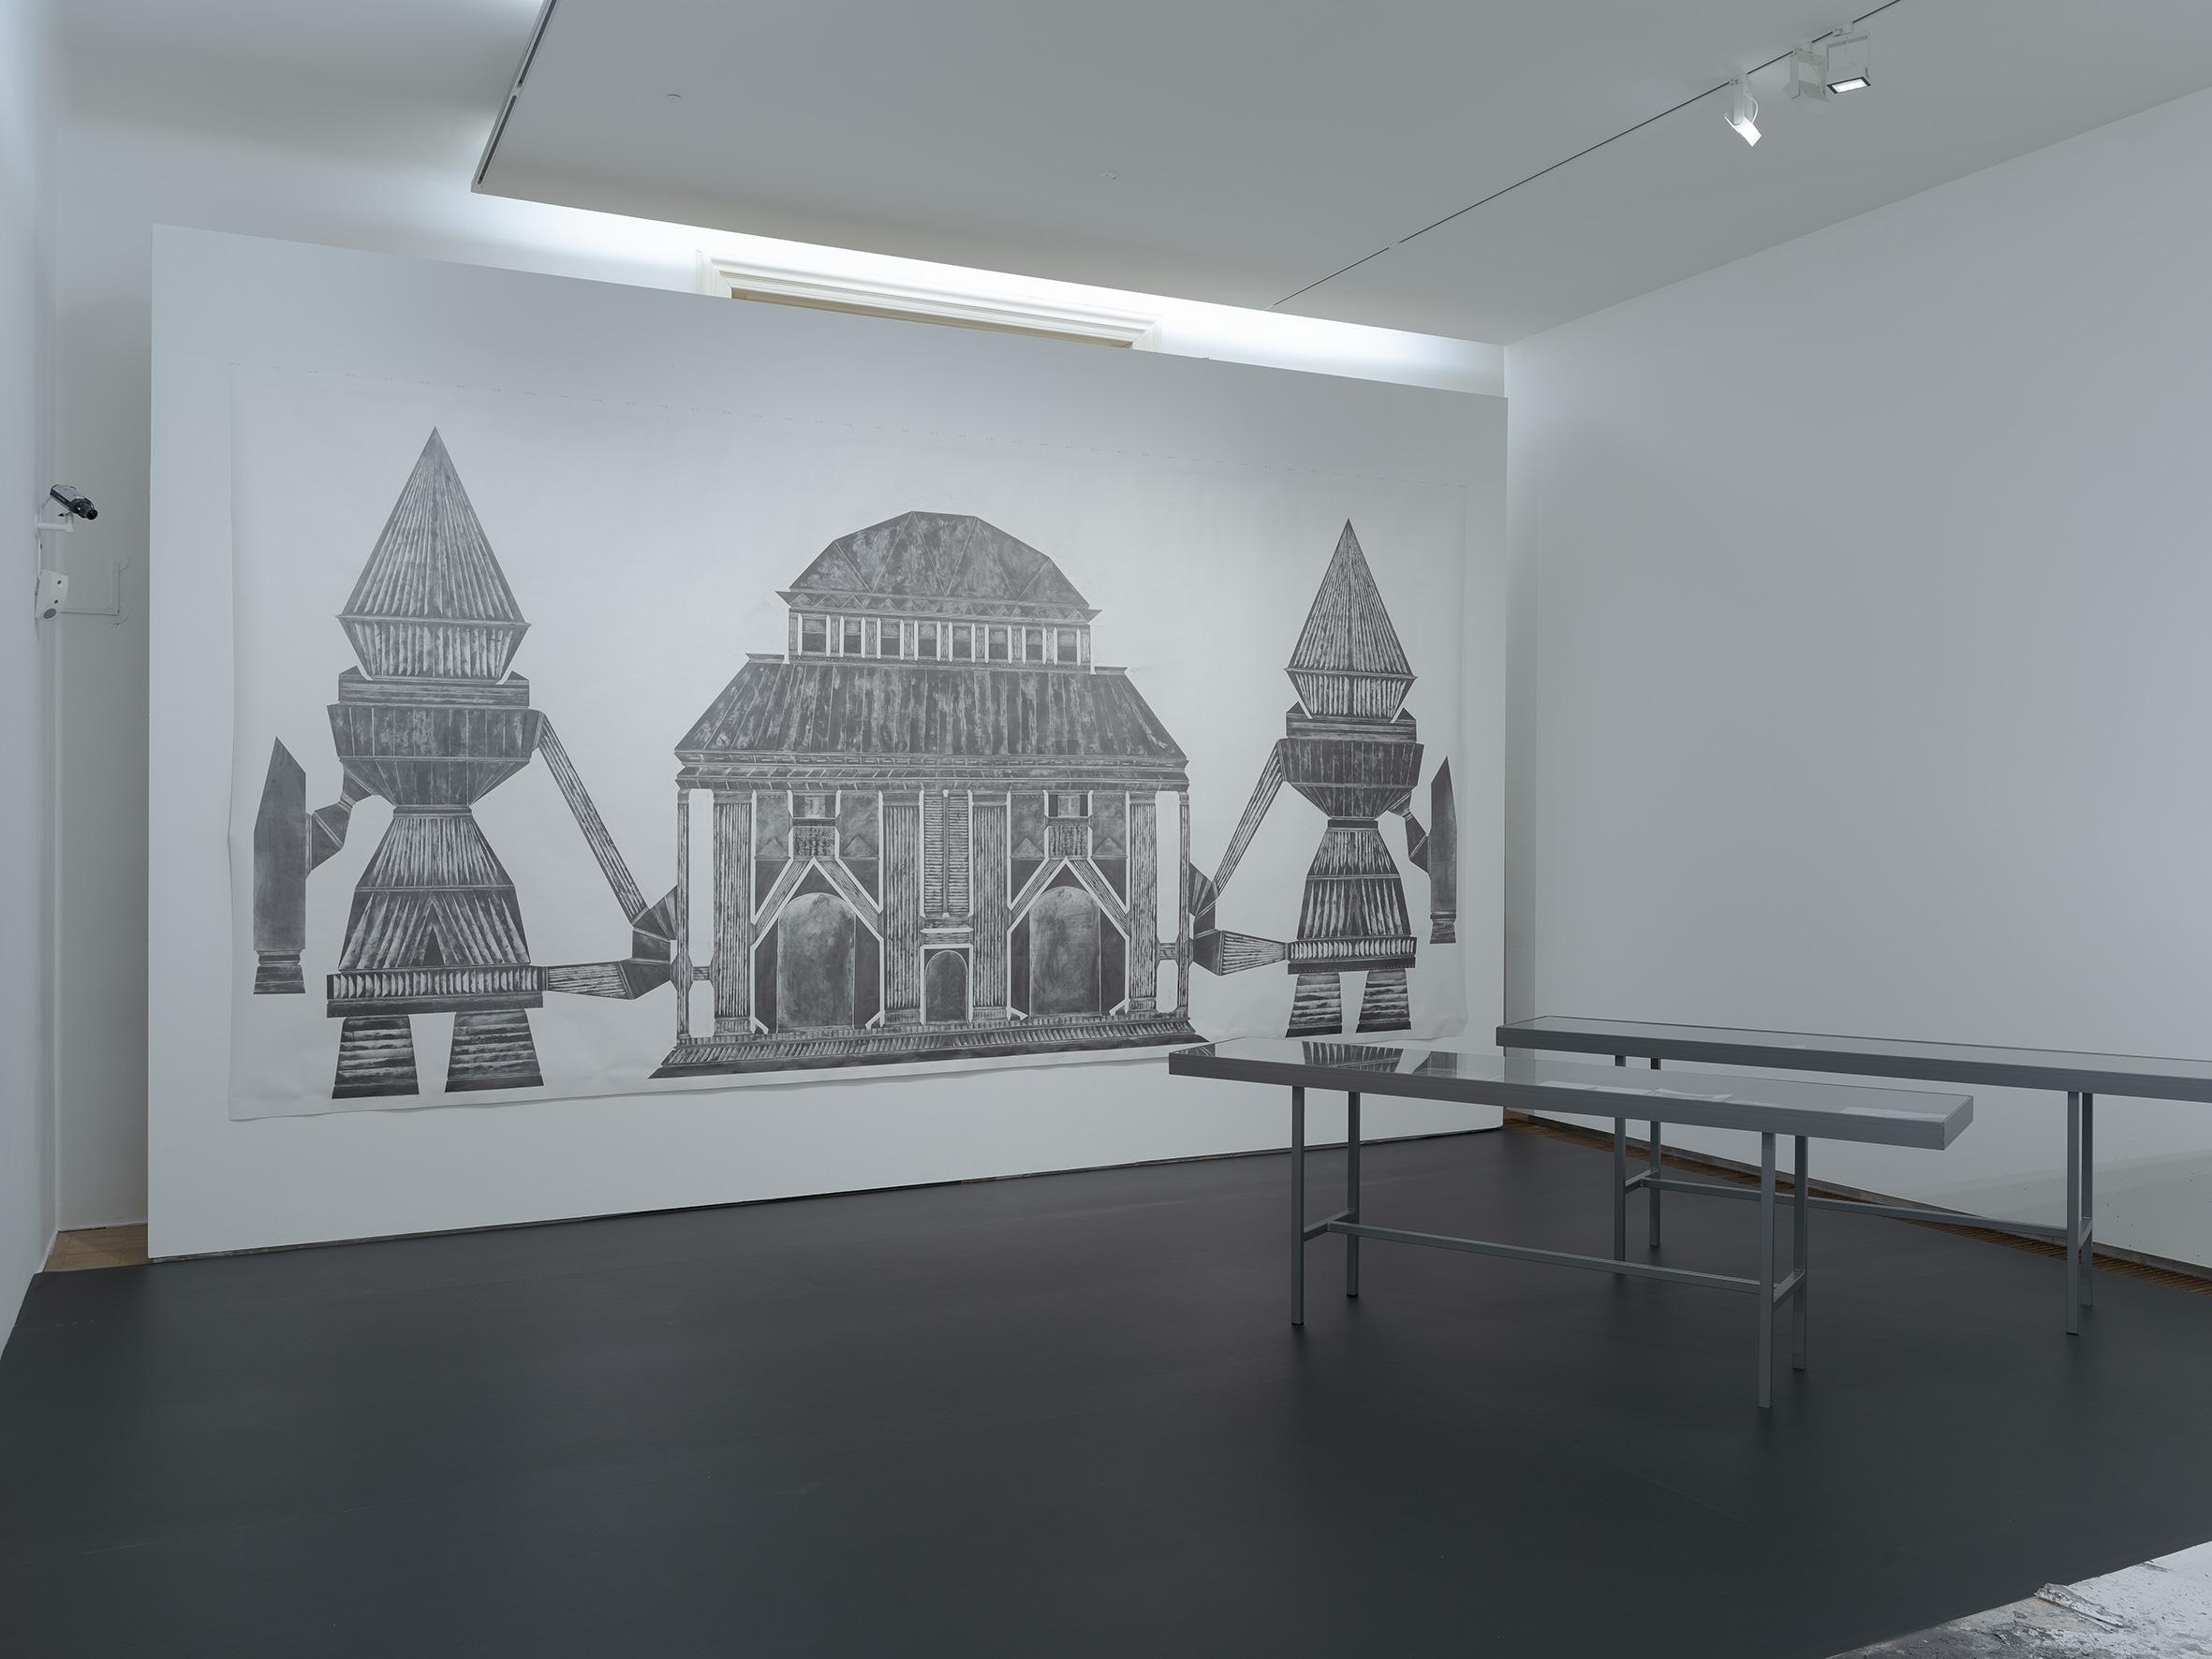 """Ausstellungsansicht """"Obsession Zeichnen"""", Universalmuseum Joanneum - Neue Galerie Graz / Bruseum 2018"""